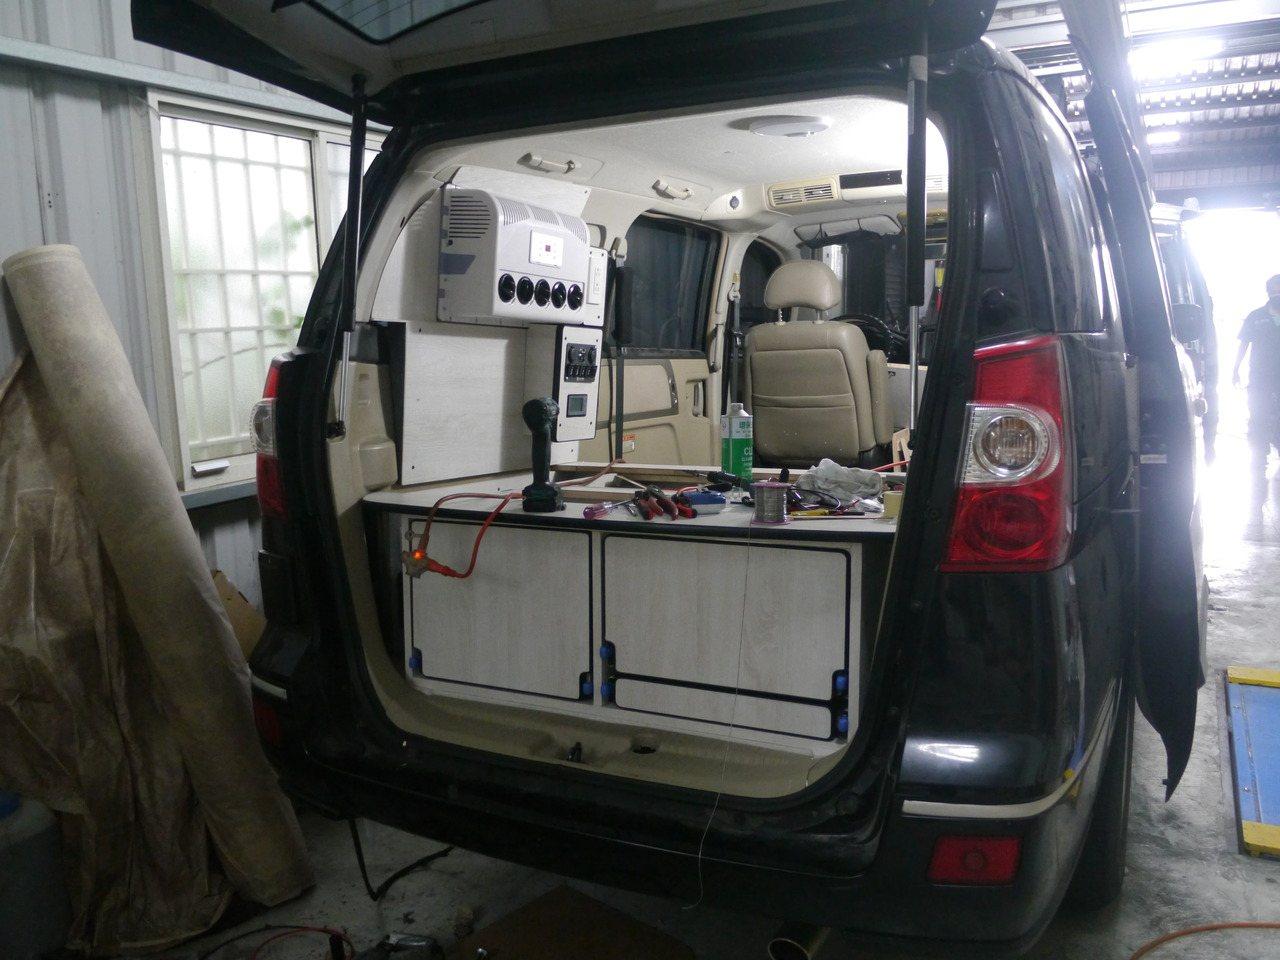 一般貨車也有人改裝成為適合露營用的車子,電路配備是核心裝備。 圖/徐白櫻 攝影